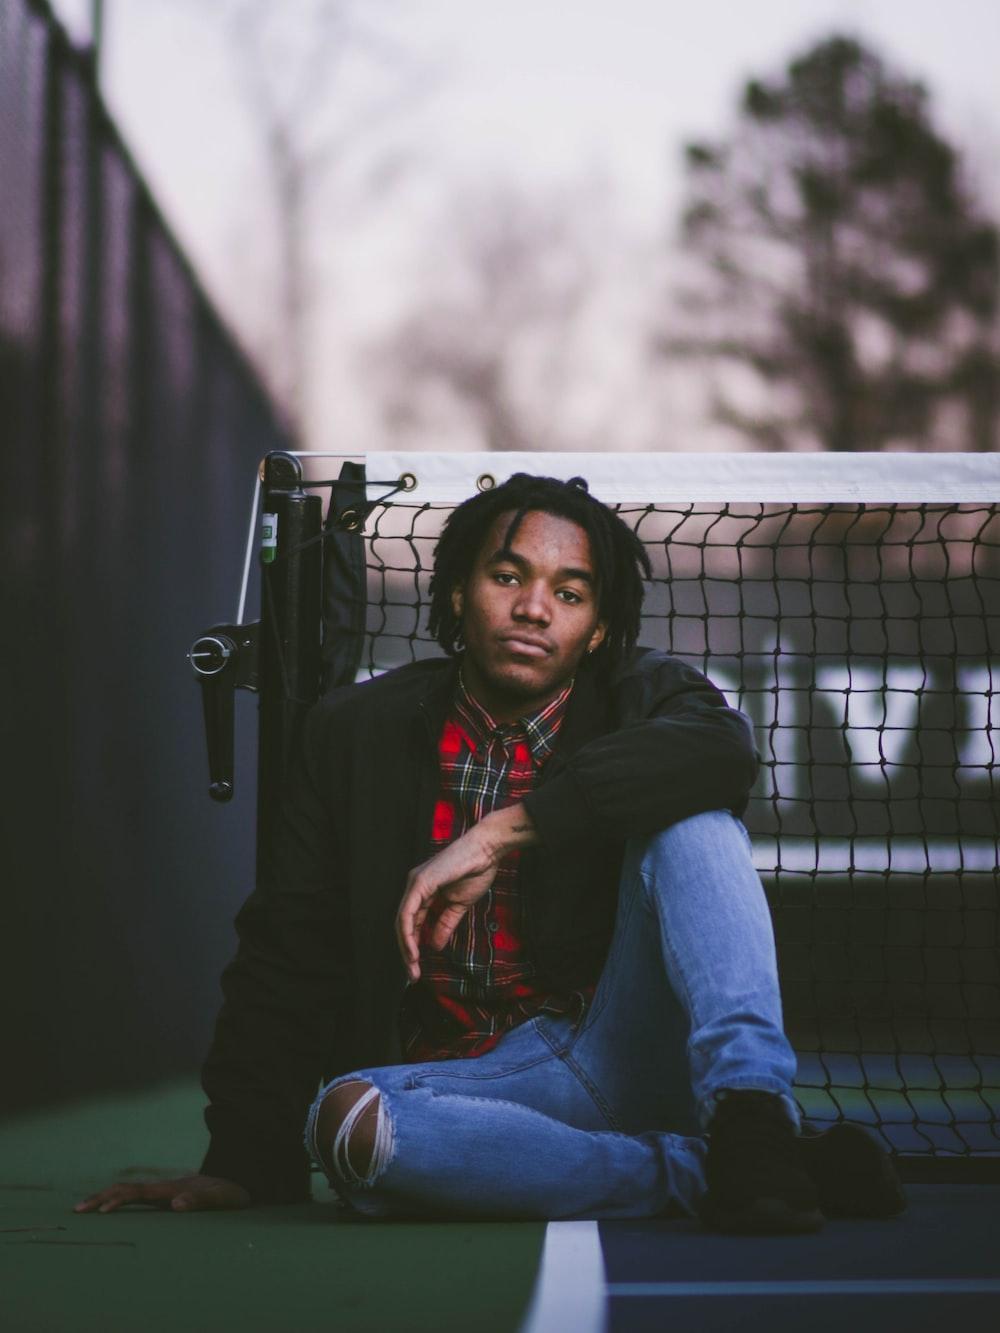 man sitting beside black net during daytime